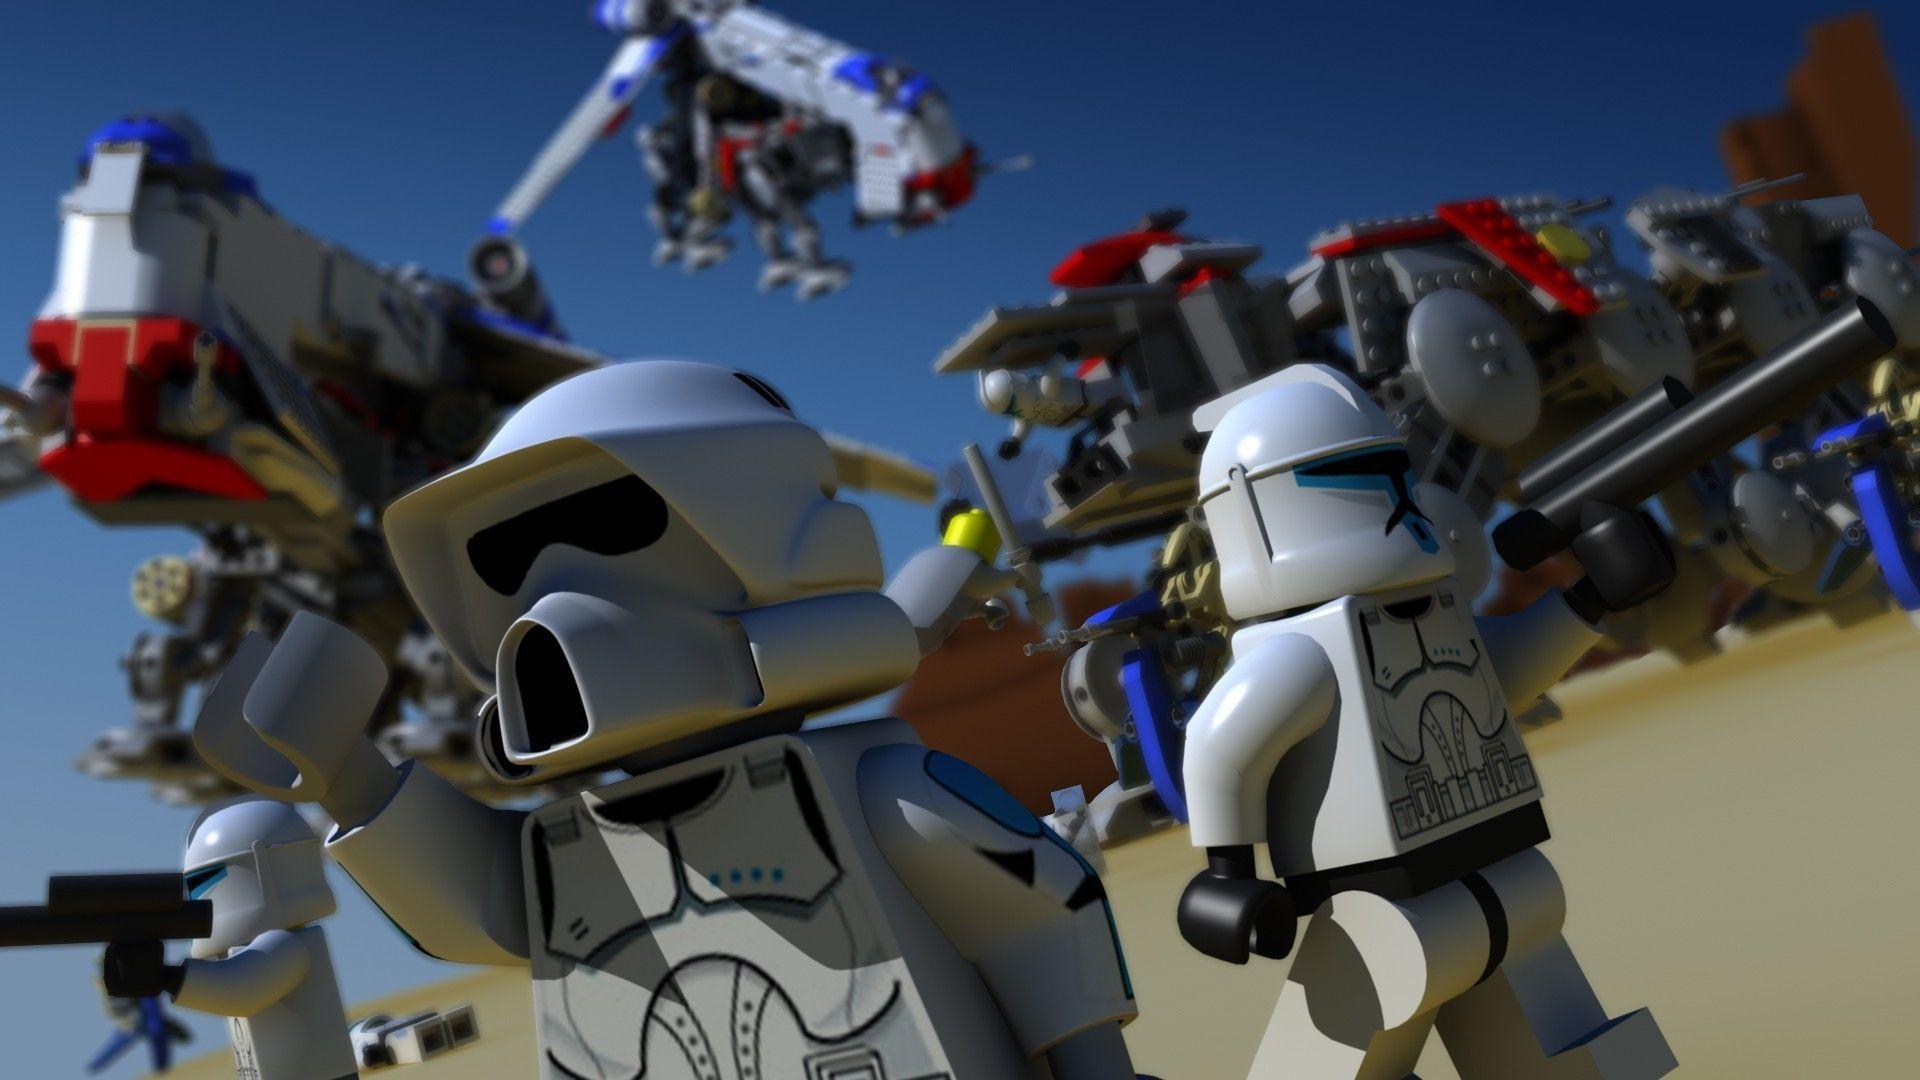 Lego Star Wars Legos Bricks Childhood Wallpaper Star Wars Wallpaper Lego Star Wars Lego Star